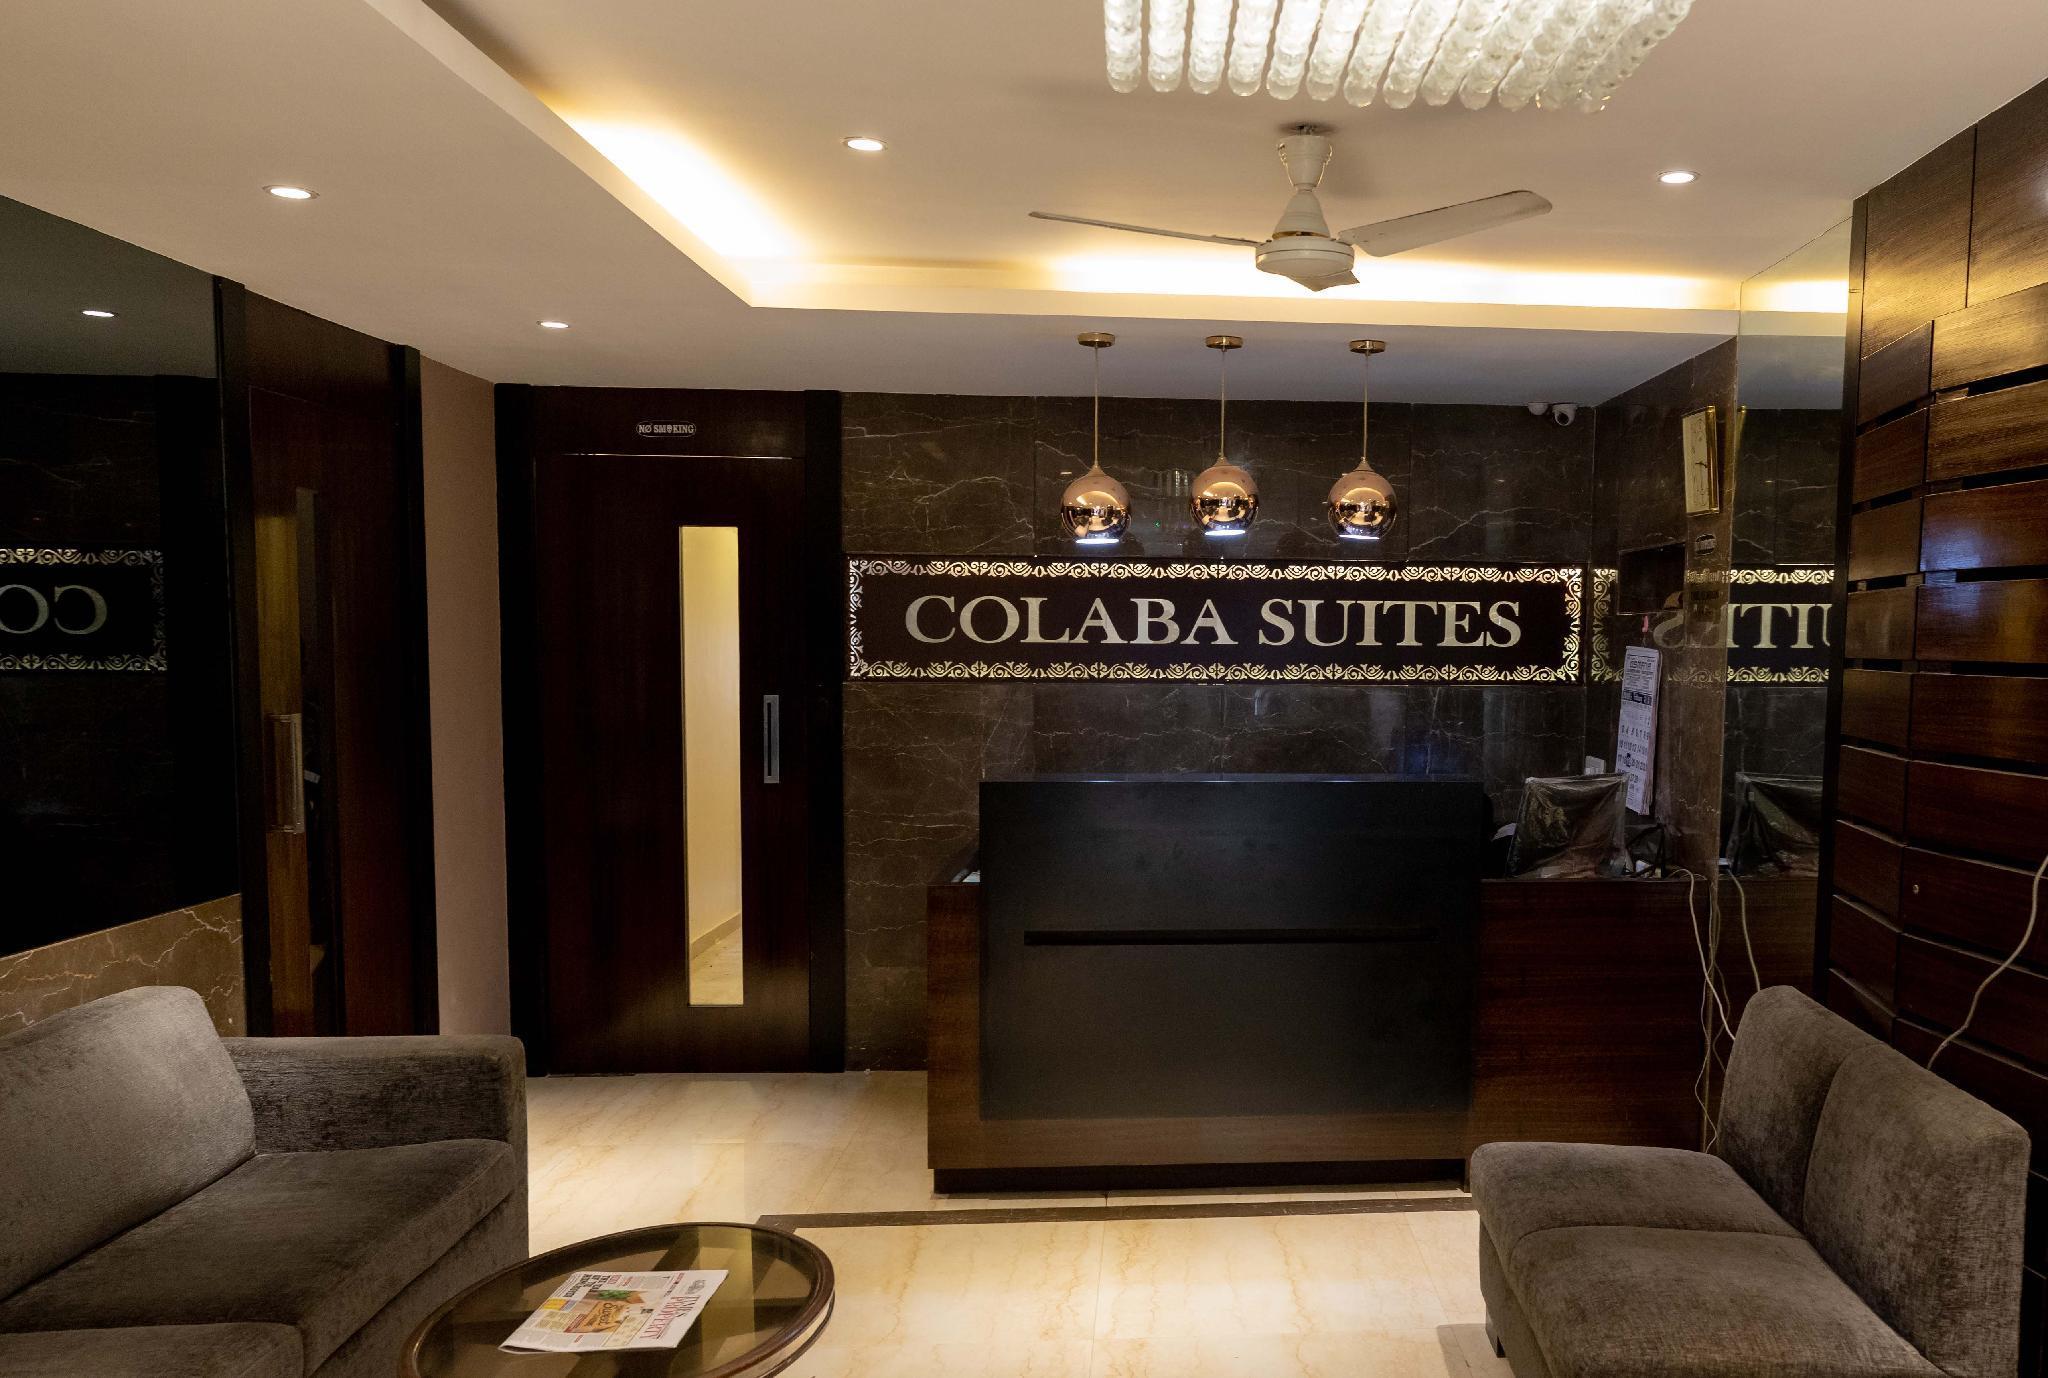 Colaba Suites Mumbai